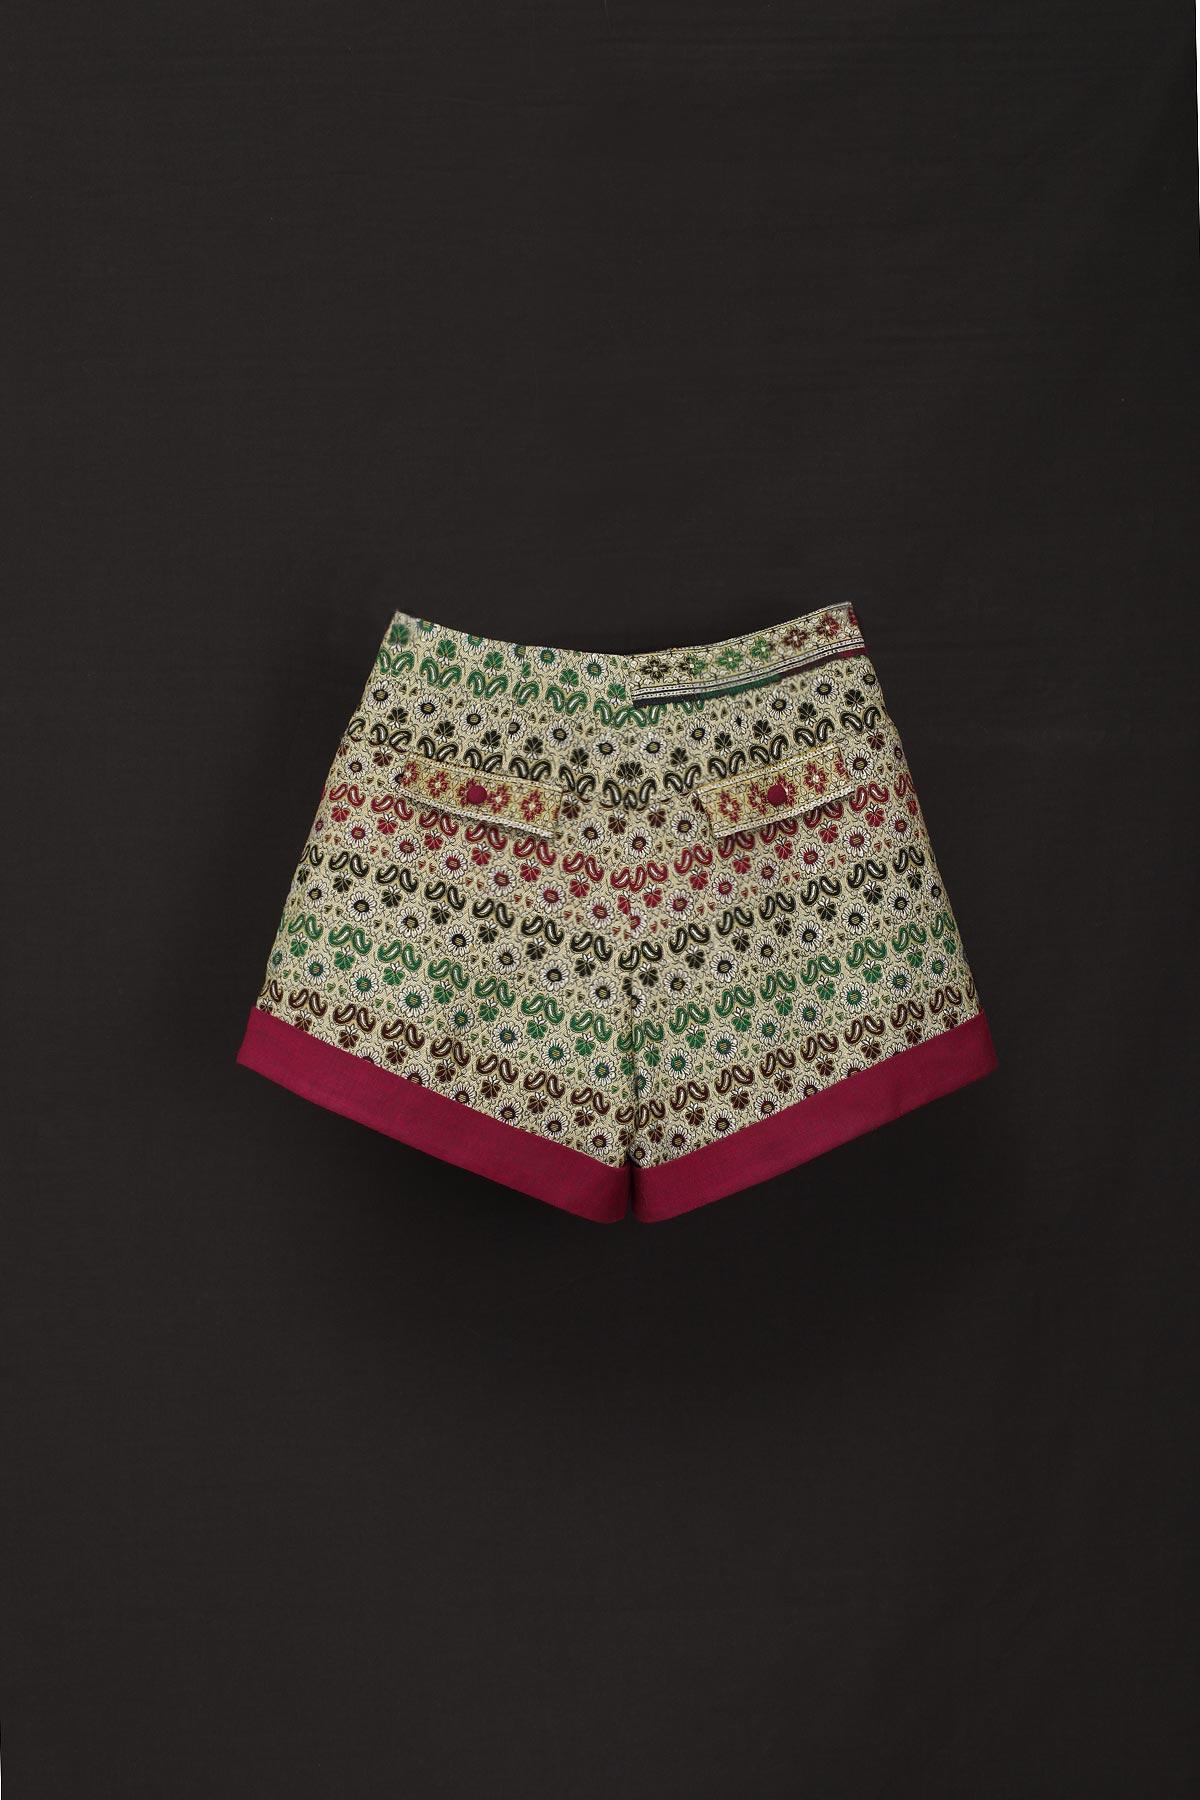 paula-immich-Shorts-zum-Wickeln-aus-indischem-Sari-Tuch